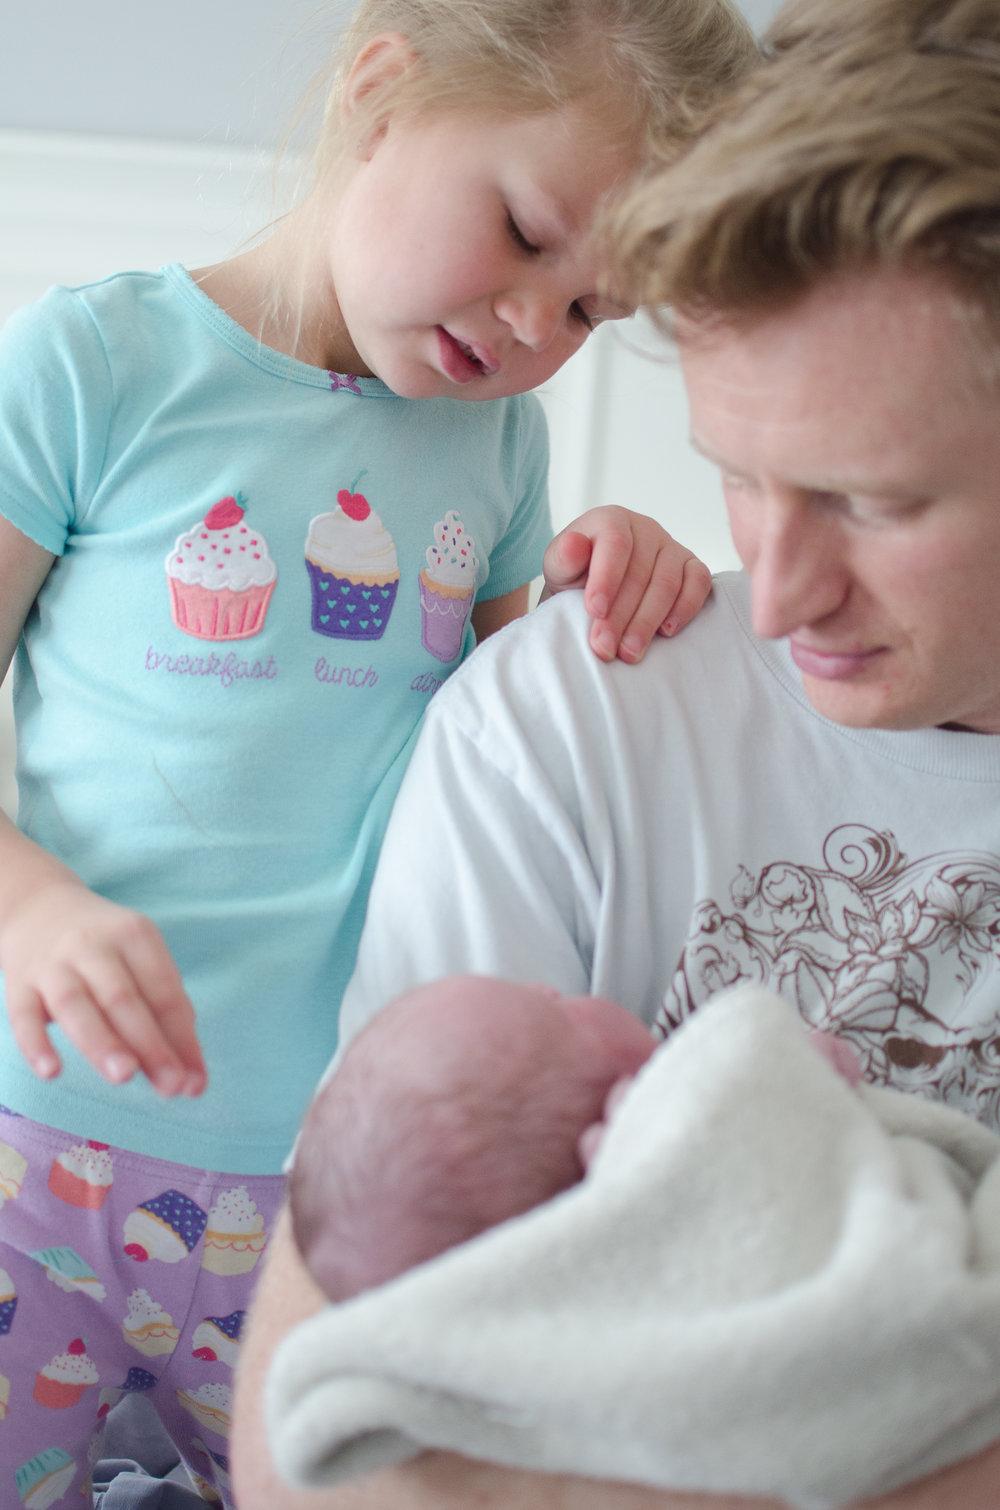 Essential Oils For Newborns, jennoldham.com